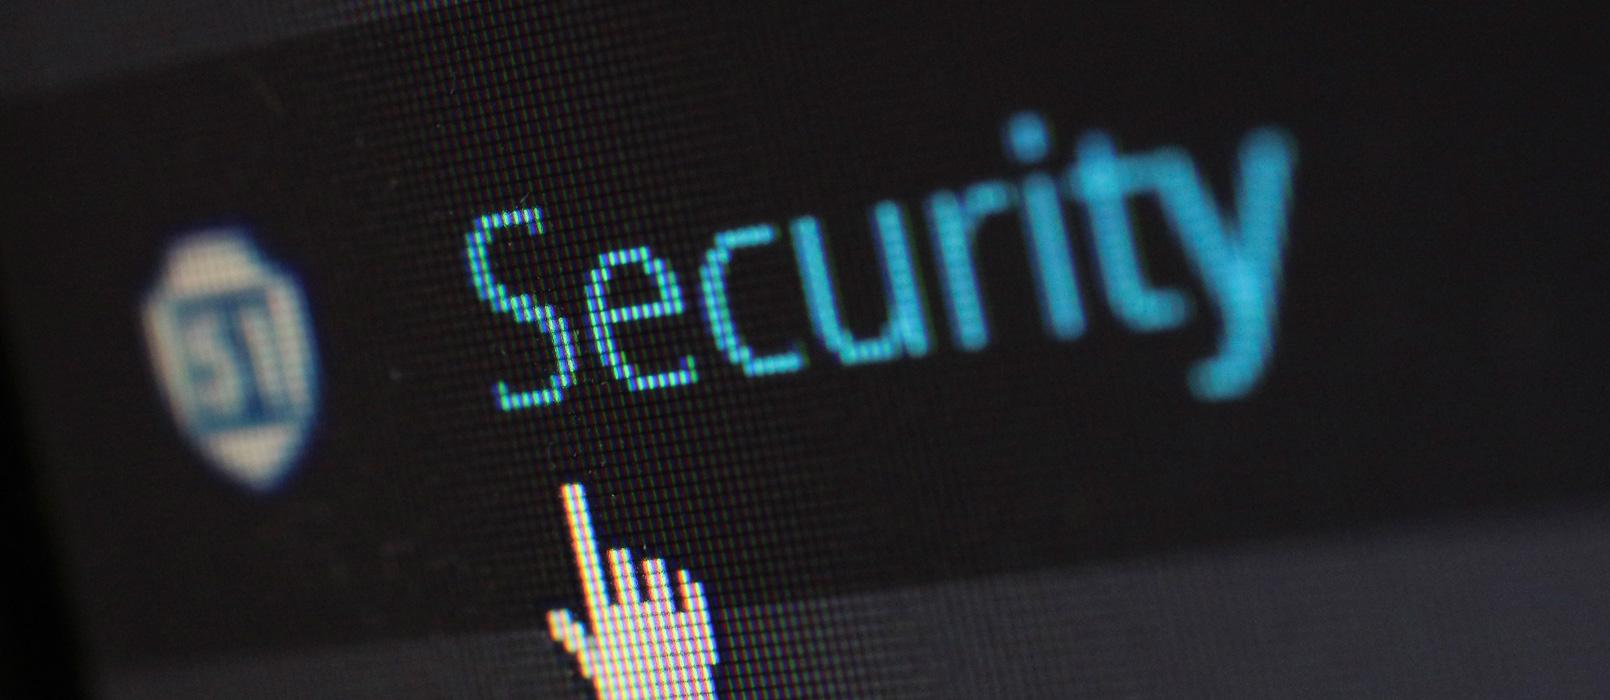 Ley Oficial de Protección de Datos